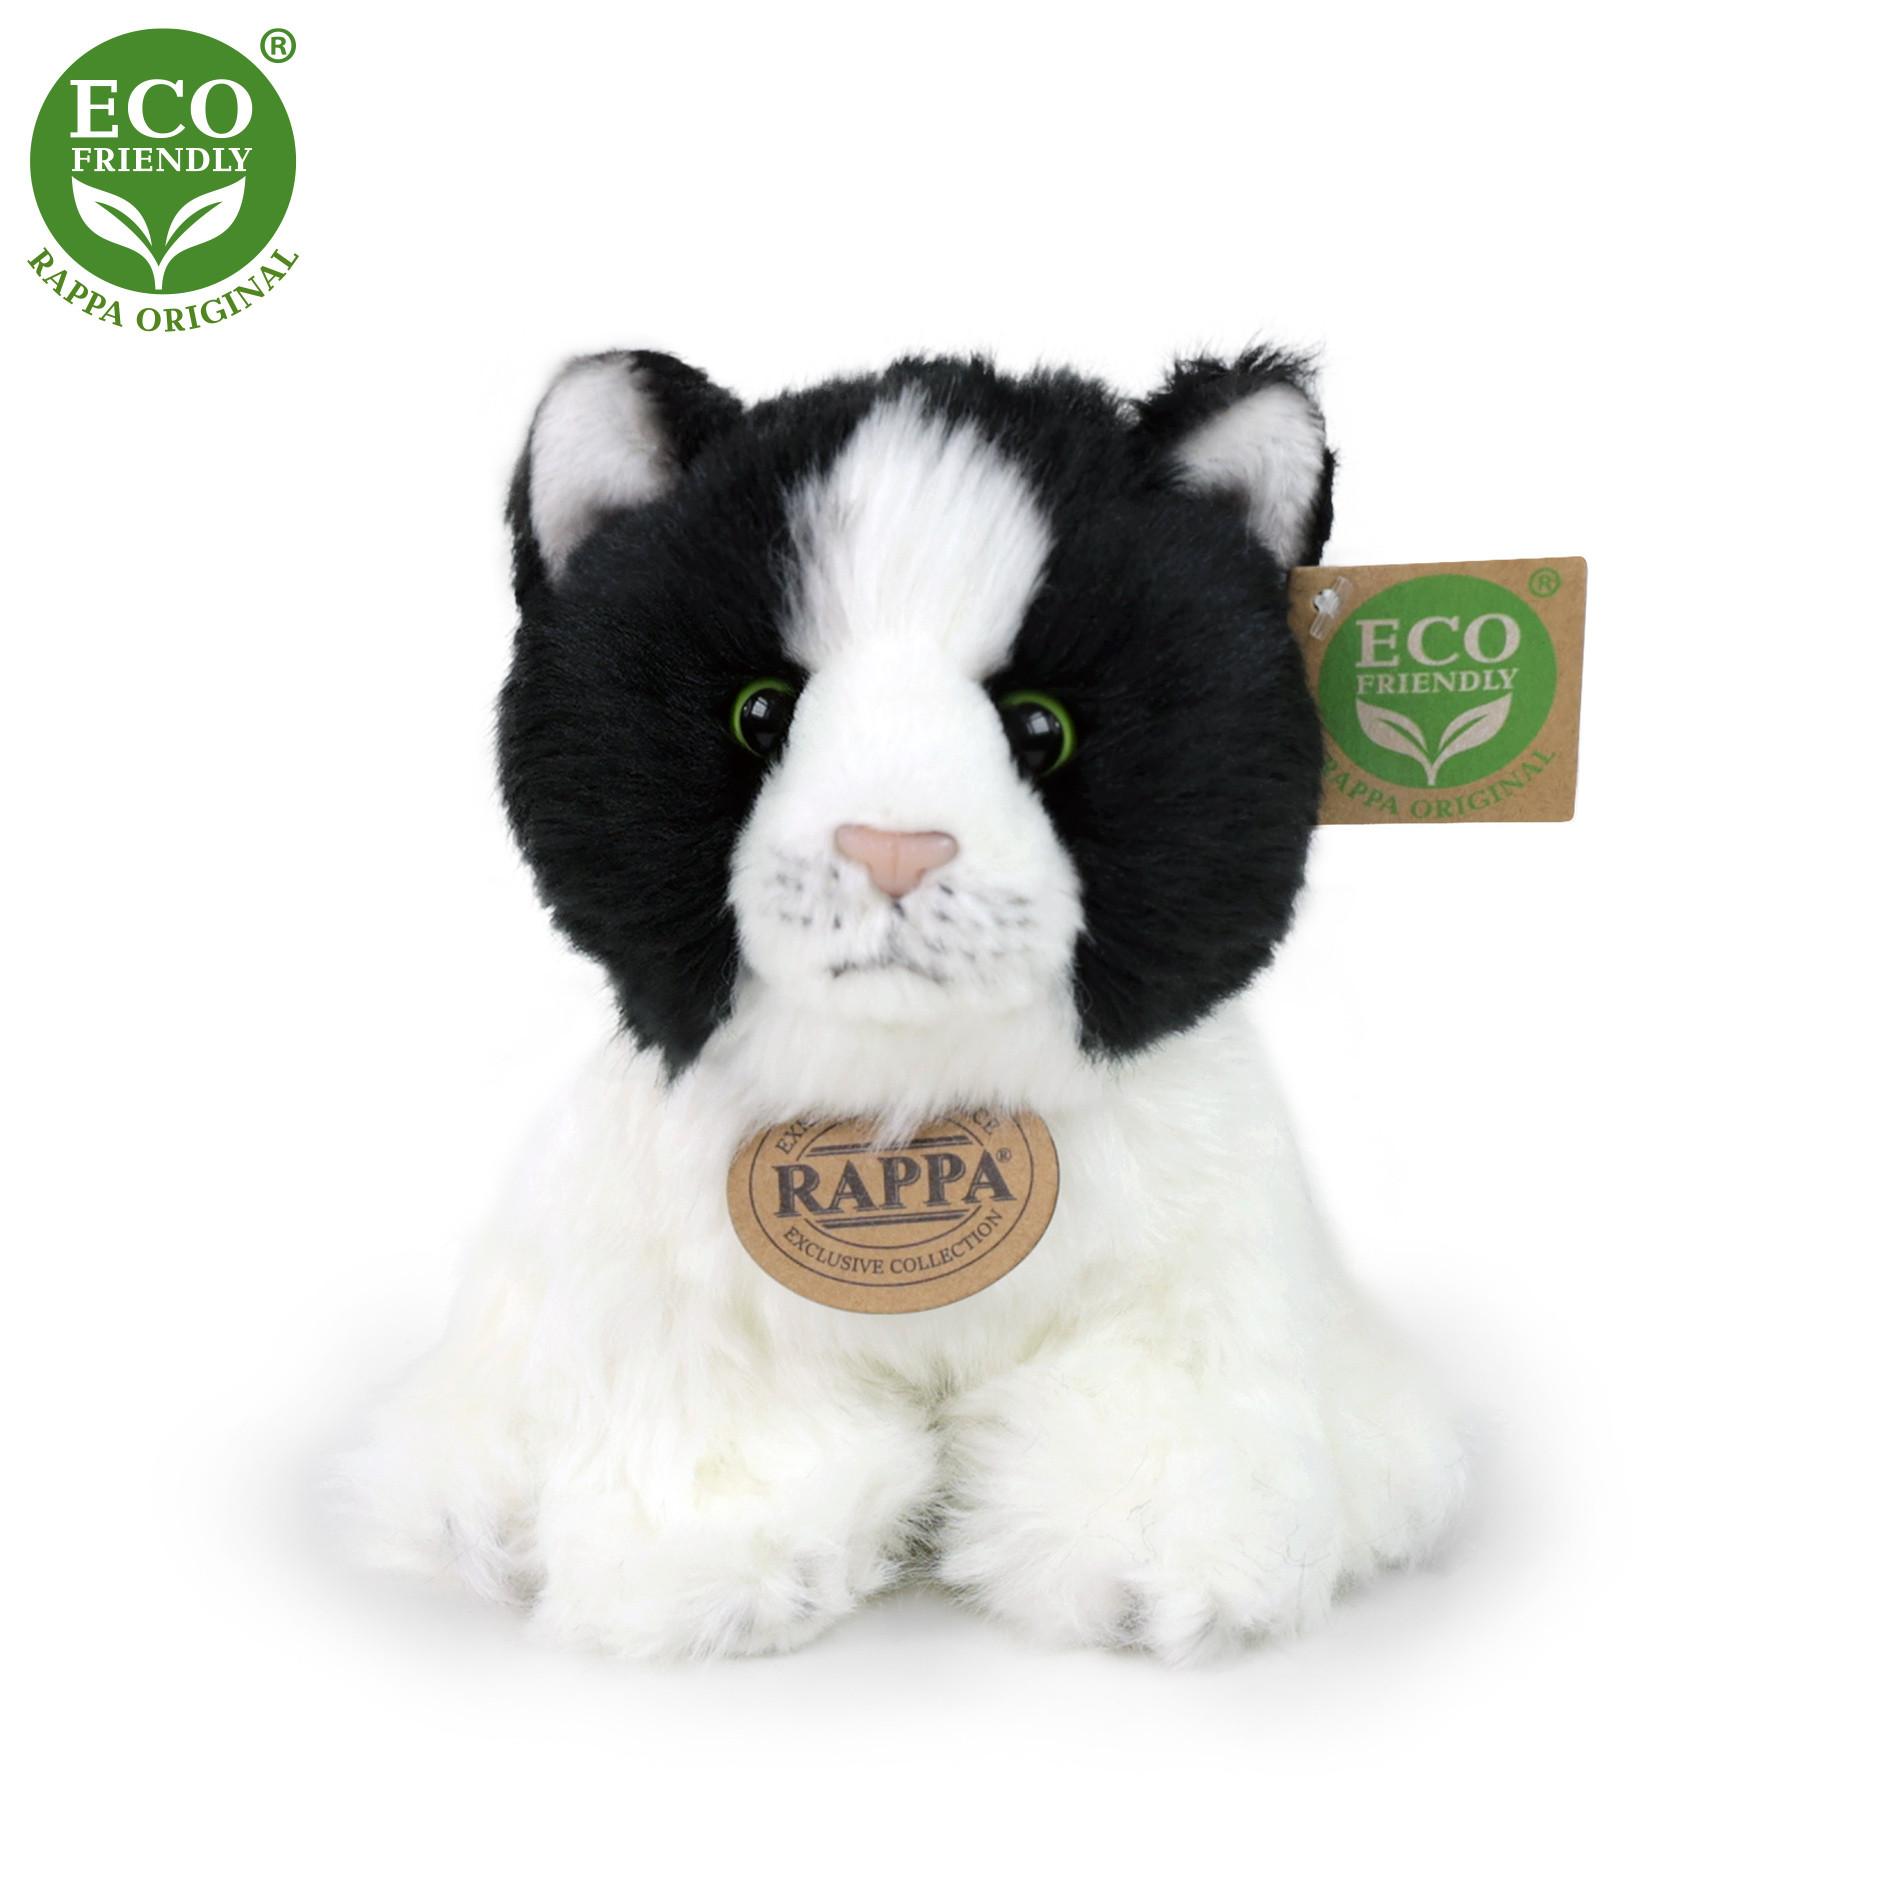 plyšová kočka bílo-černá sedící, 17 cm, ECO-FRIENDLY